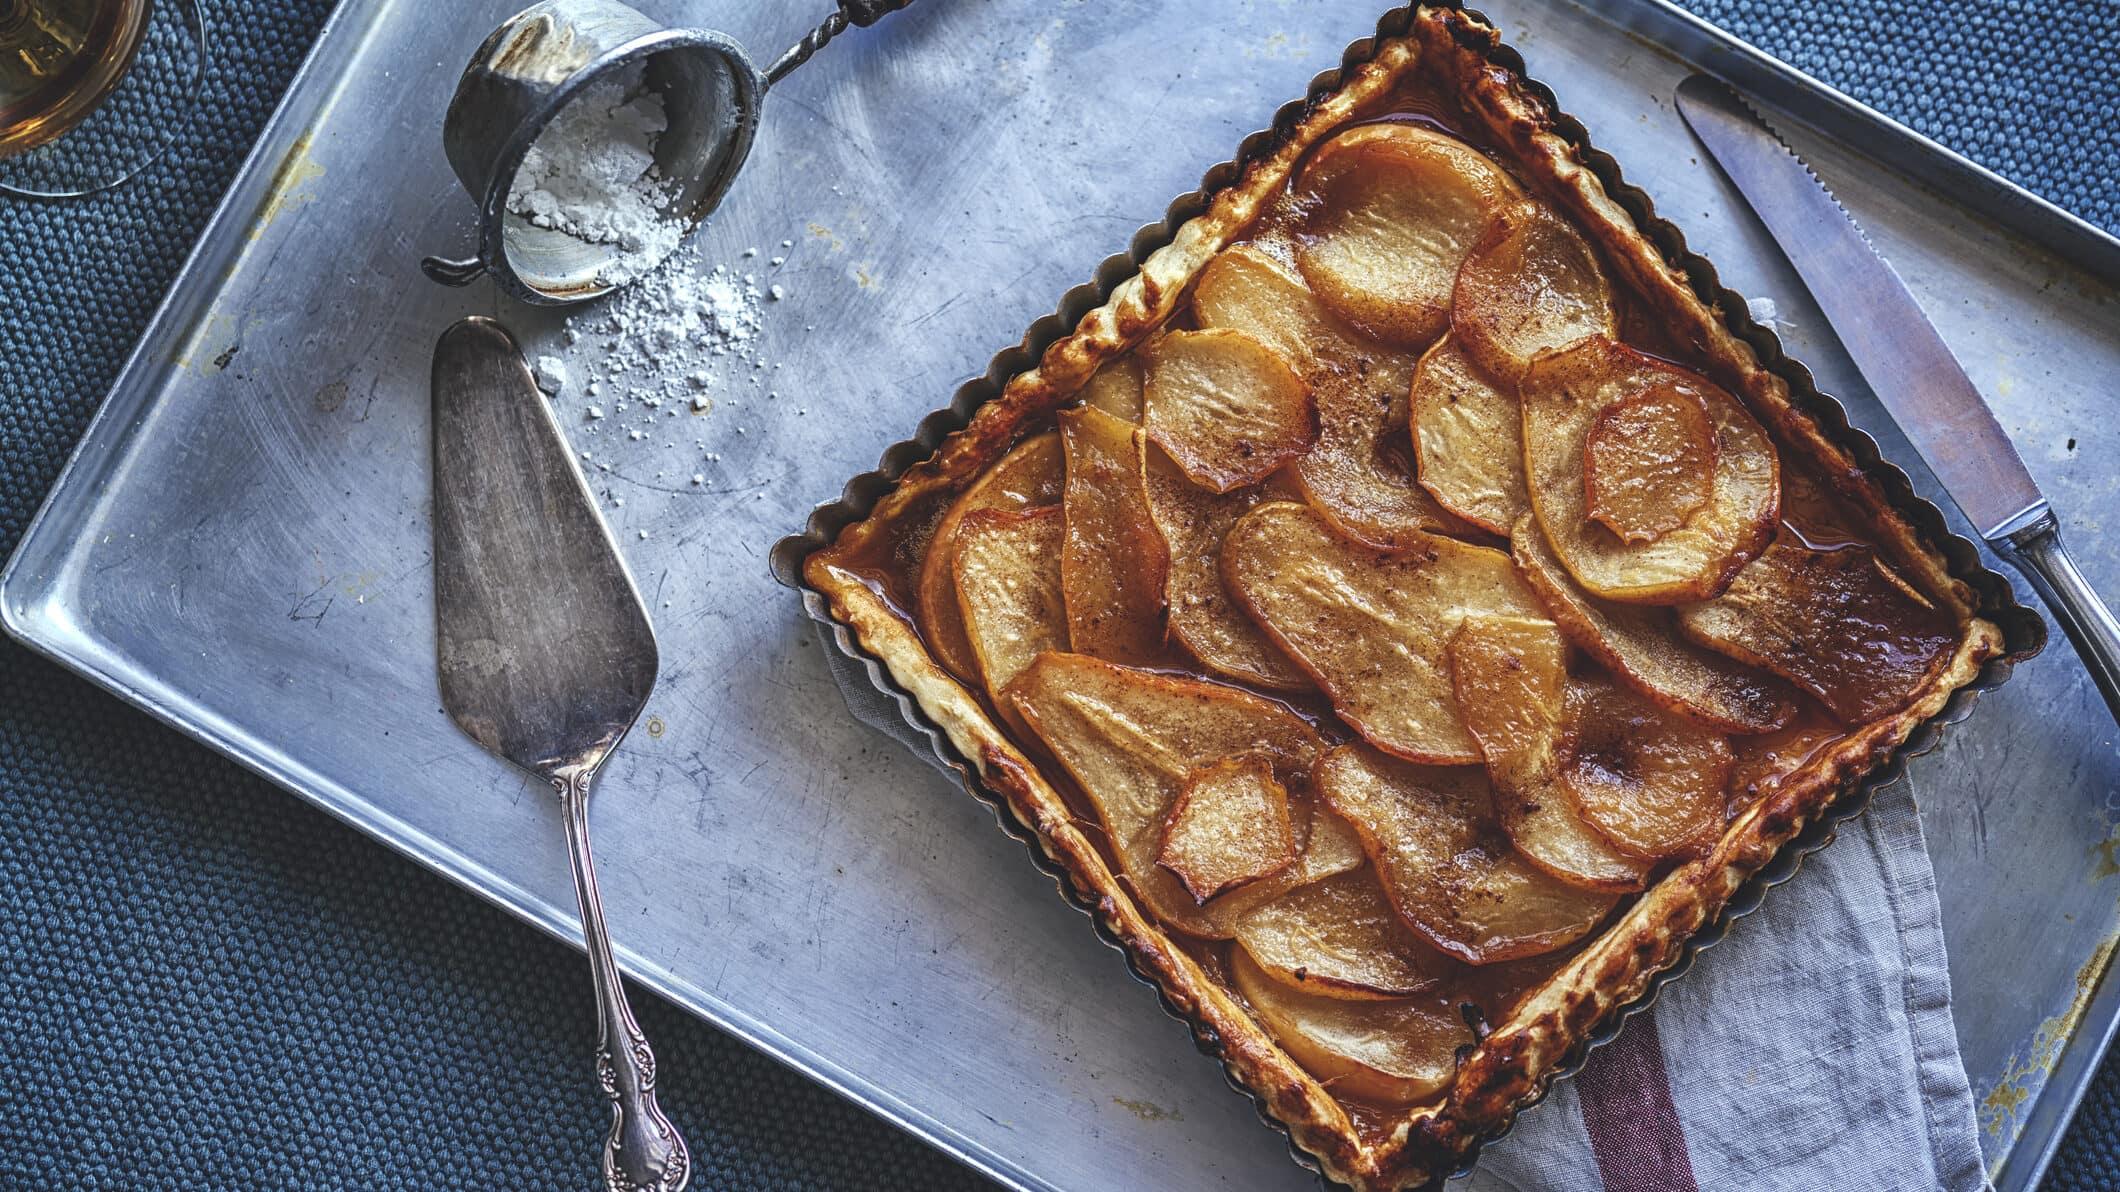 Quark-Birnenkuchen mit Zimt einem Blech, daneben liegen ein Messer, ein Tortenheber und ein Sieb mit Puderzucker.